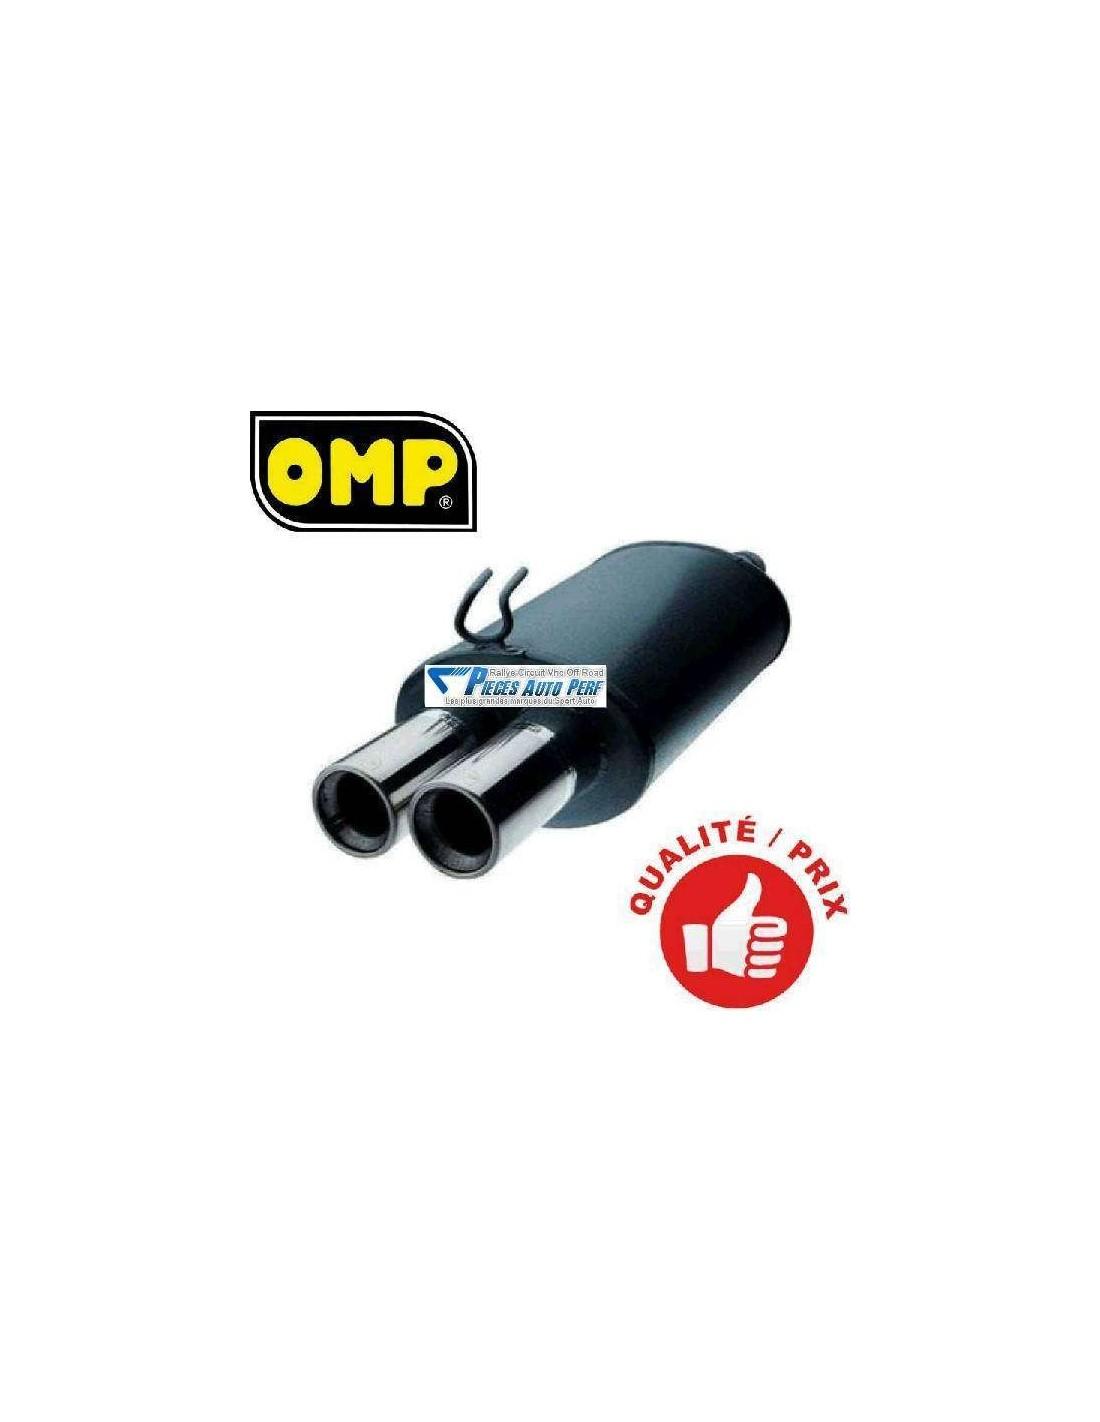 Silencieux Sportif 2 Sorties Rondes Diametre 63mm Pour Vw Golf 3 Gti 8s